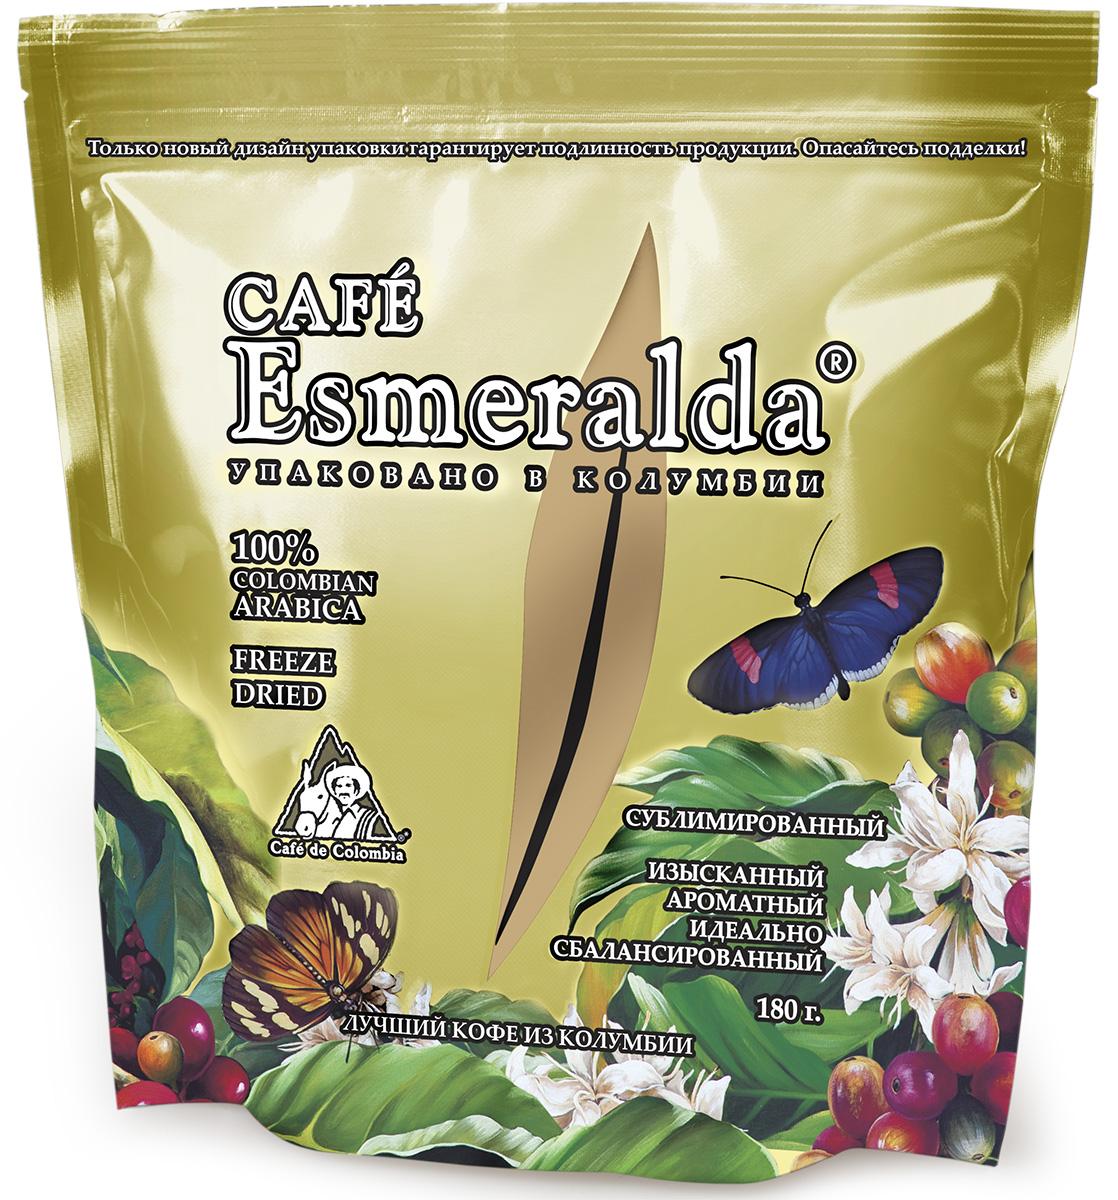 Cafe Esmeralda сублимированный кофе, 180 г (м/у)571406Кофе Cafe Esmeralda произведен и упакован на самой современной в мире фабрике сублимированного кофе Liofilizado в Колумбии под строгим контролем Национальной Федерации производителей кофе Колумбии. Обработка по технологии Freeze Dried - быстрая заморозка в вакууме - сохраняет максимум вкуса и аромата, как у молотого кофе. Дополнительно кофейные кристаллы обрабатываются специальным кофейным маслом, что предотвращает их рассыпание. Кофе произведен из зерен 100% колумбийской арабики. Обладает особенно крепким вкусом и насыщенным ароматом.